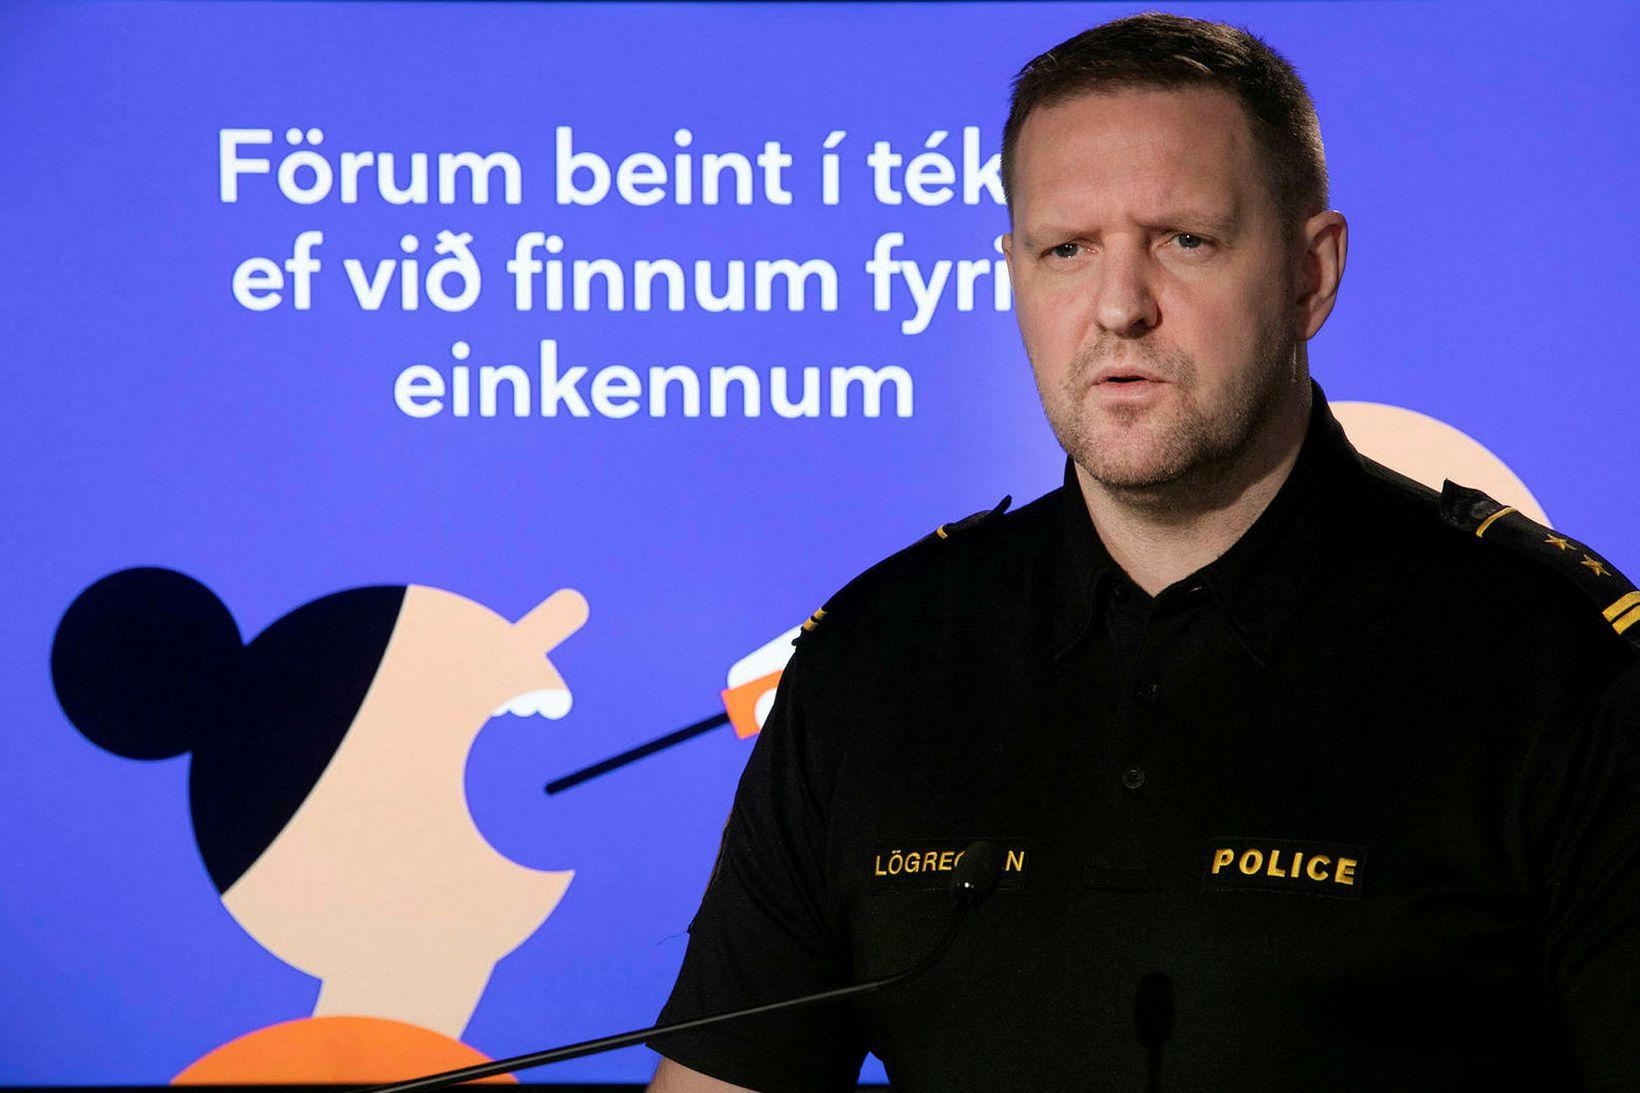 Rögnvaldur Ólafsson aðalvarðstjóri almannavarnadeildar ríkislögreglustjóra.